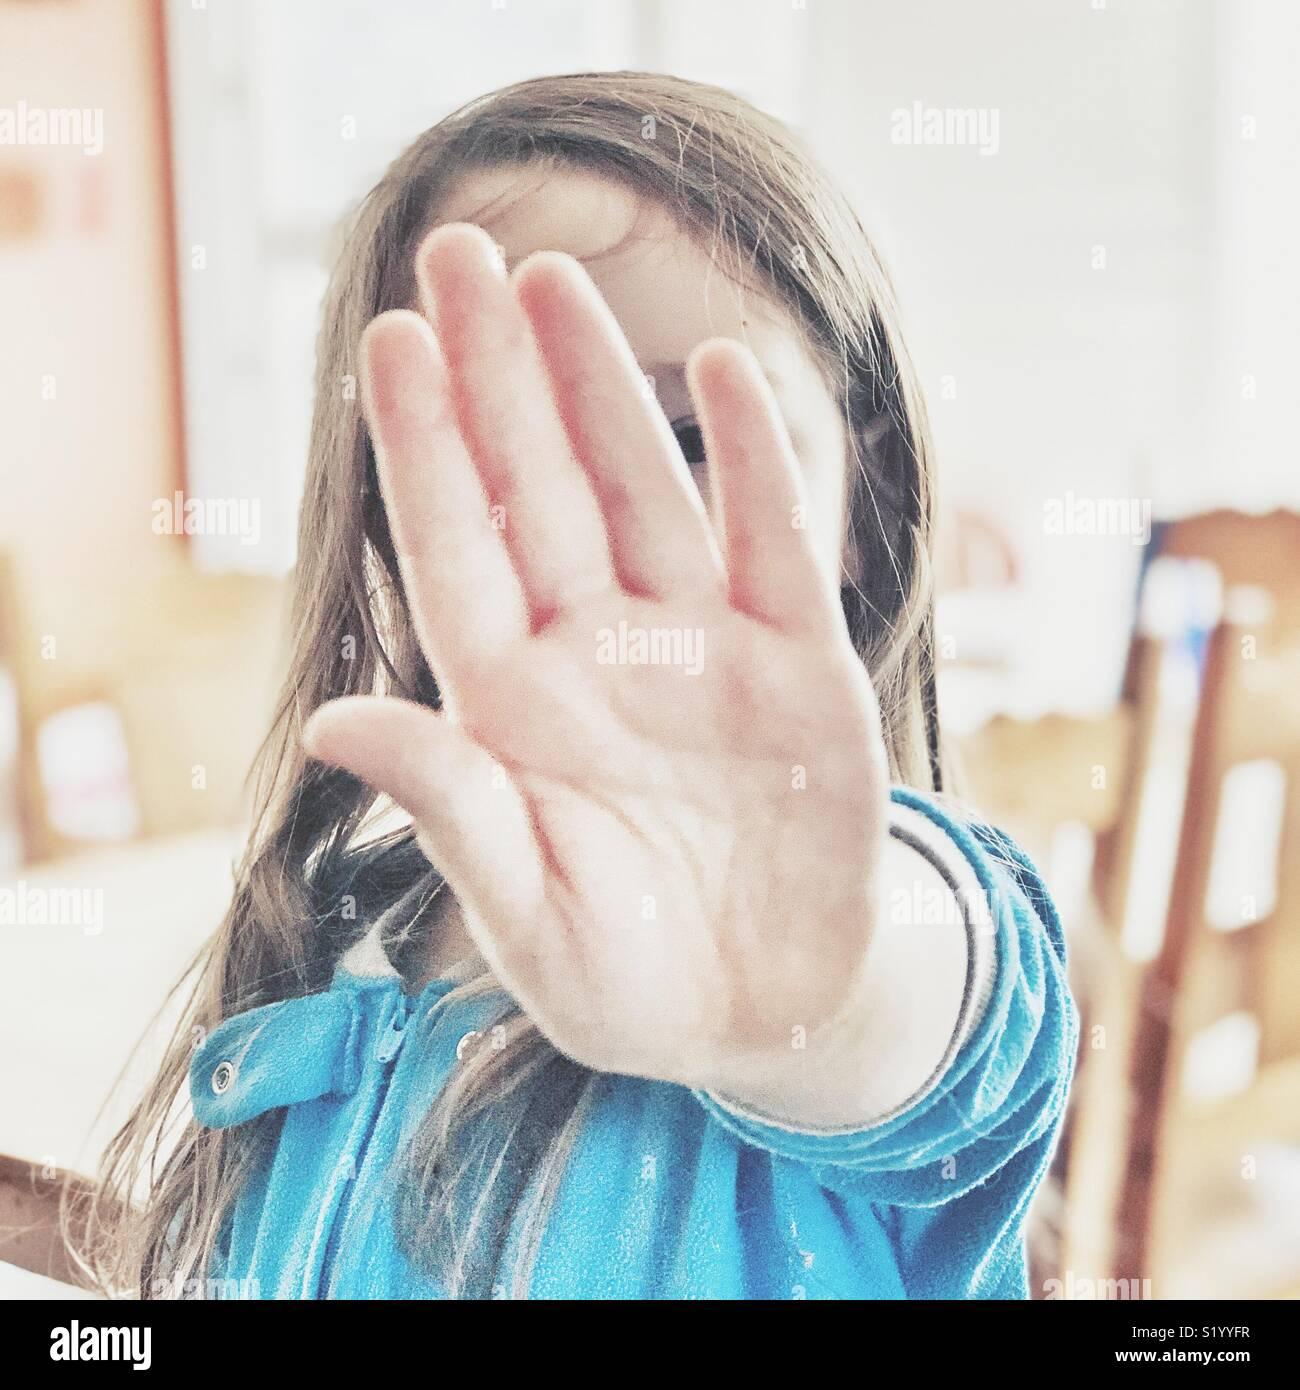 Sgranate, ariosa foto della ragazza giovane bloccando la fotocamera con la mano mentre ottenere g foto scattata Immagini Stock